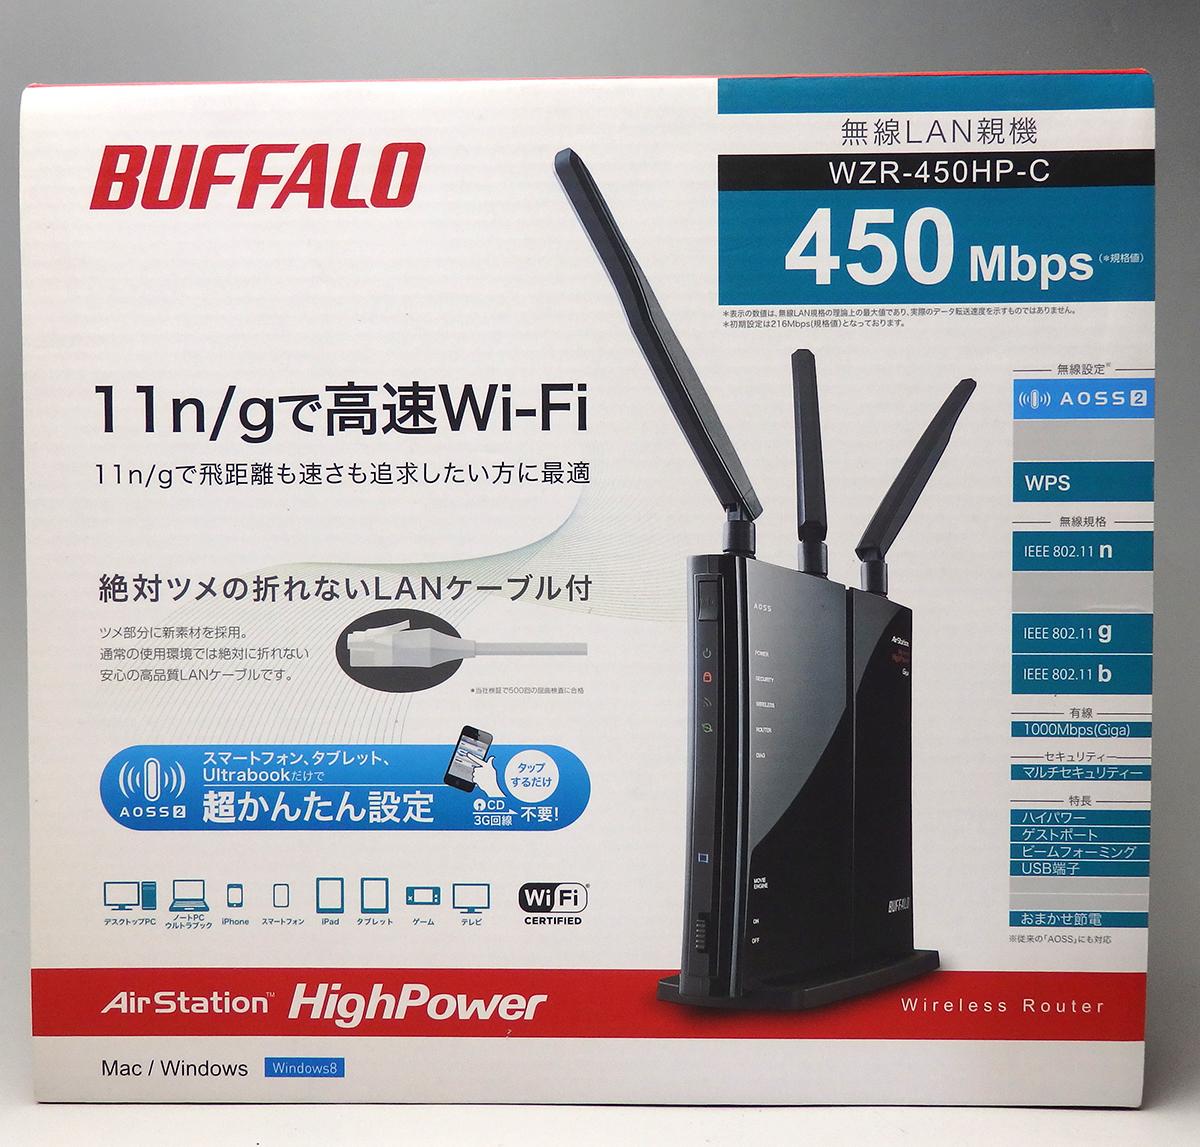 中古動作品 BUFFALO WZR-450HP-C AirStation HighPower 無線LAN/ルーター_画像2